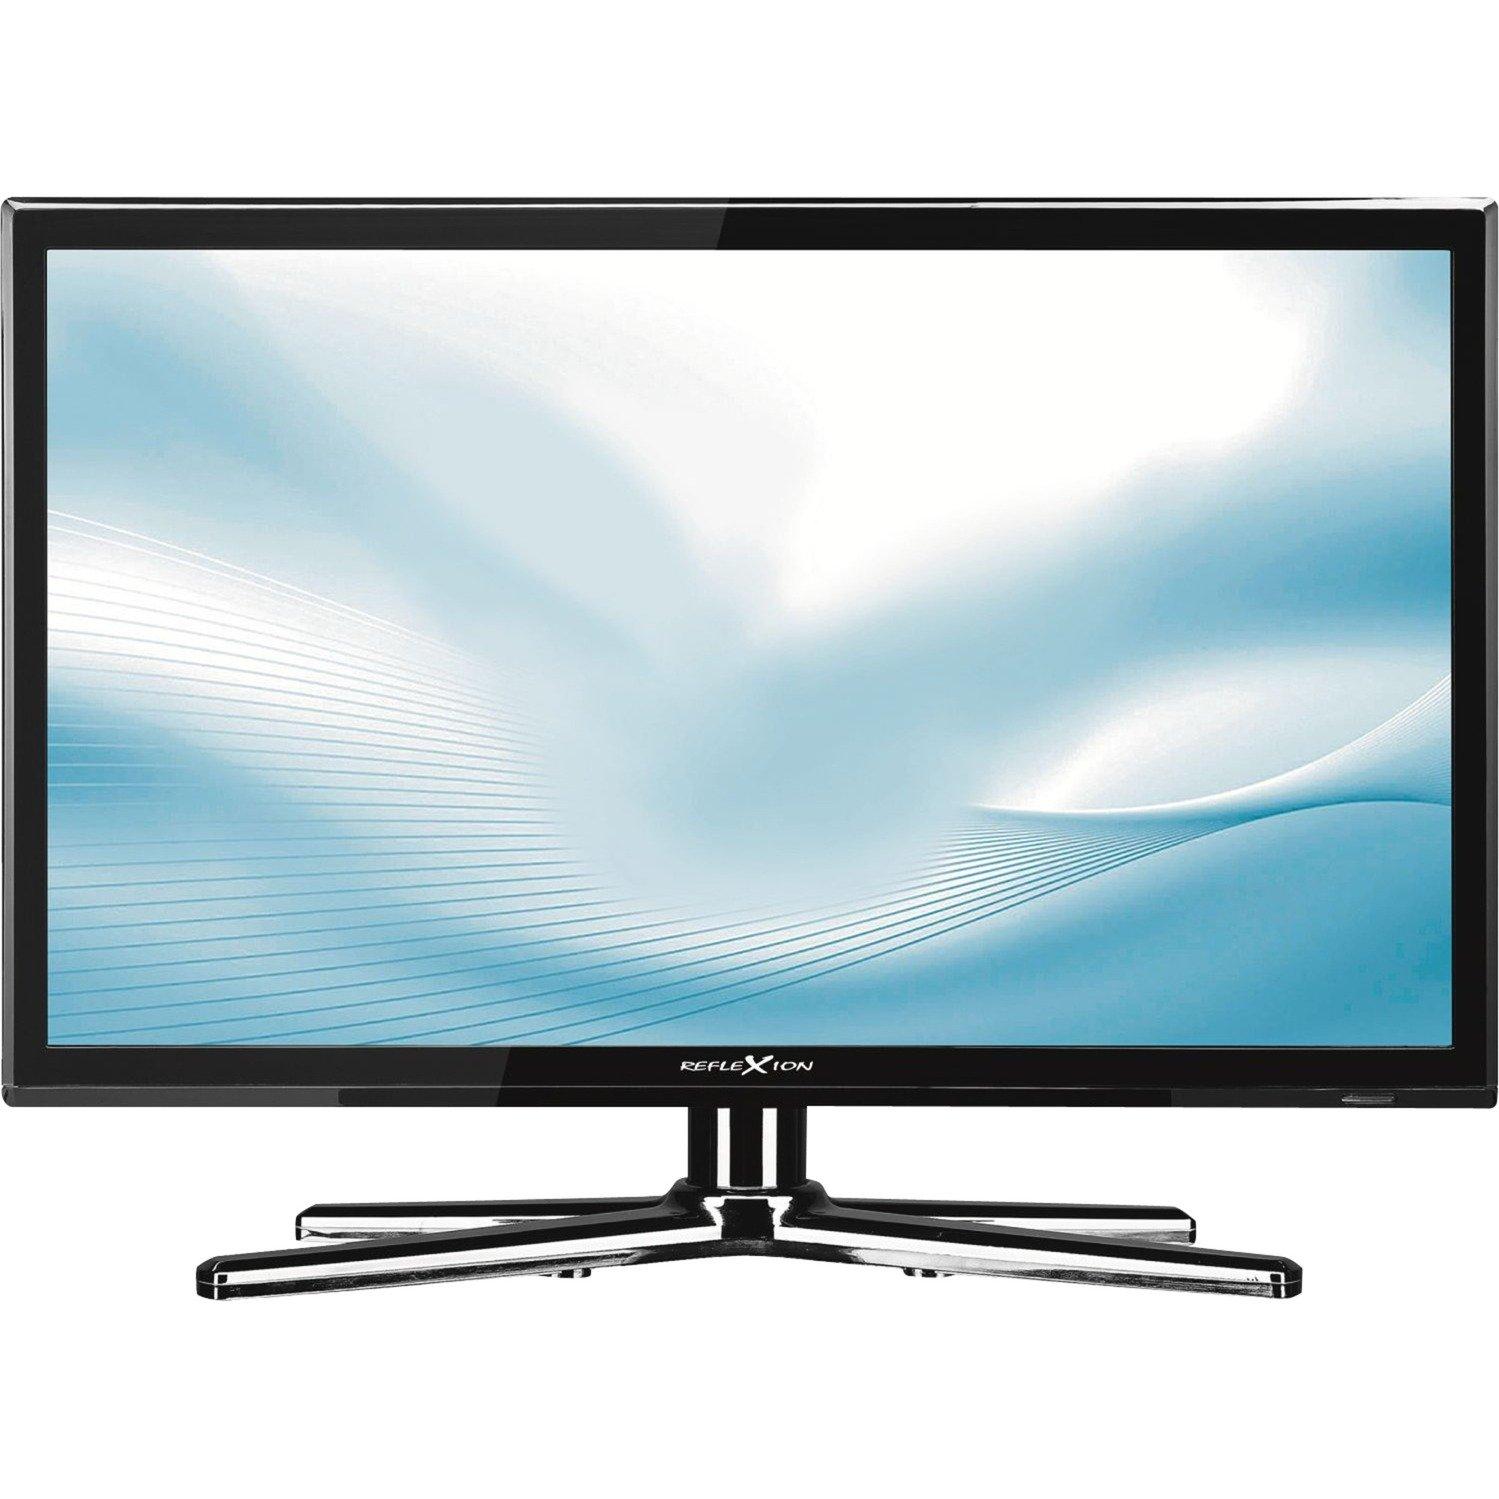 ldd2271-led-tv